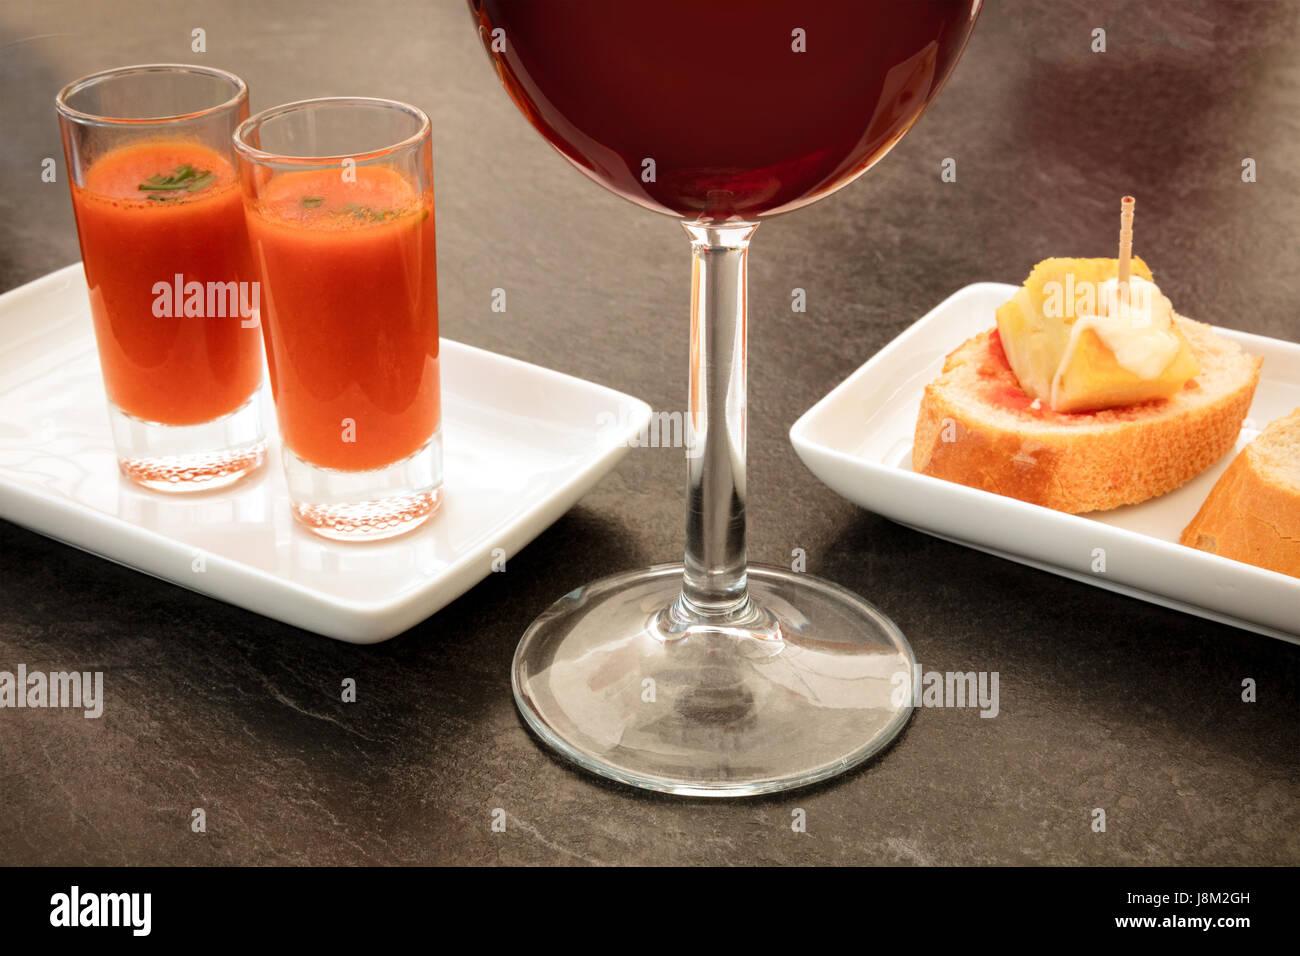 Spanische Tapas in einer modernen Bar. Ein Glas Rotwein, zwei Schüsse von Gazpacho kalte Tomatensuppe und Pinchos Stockbild